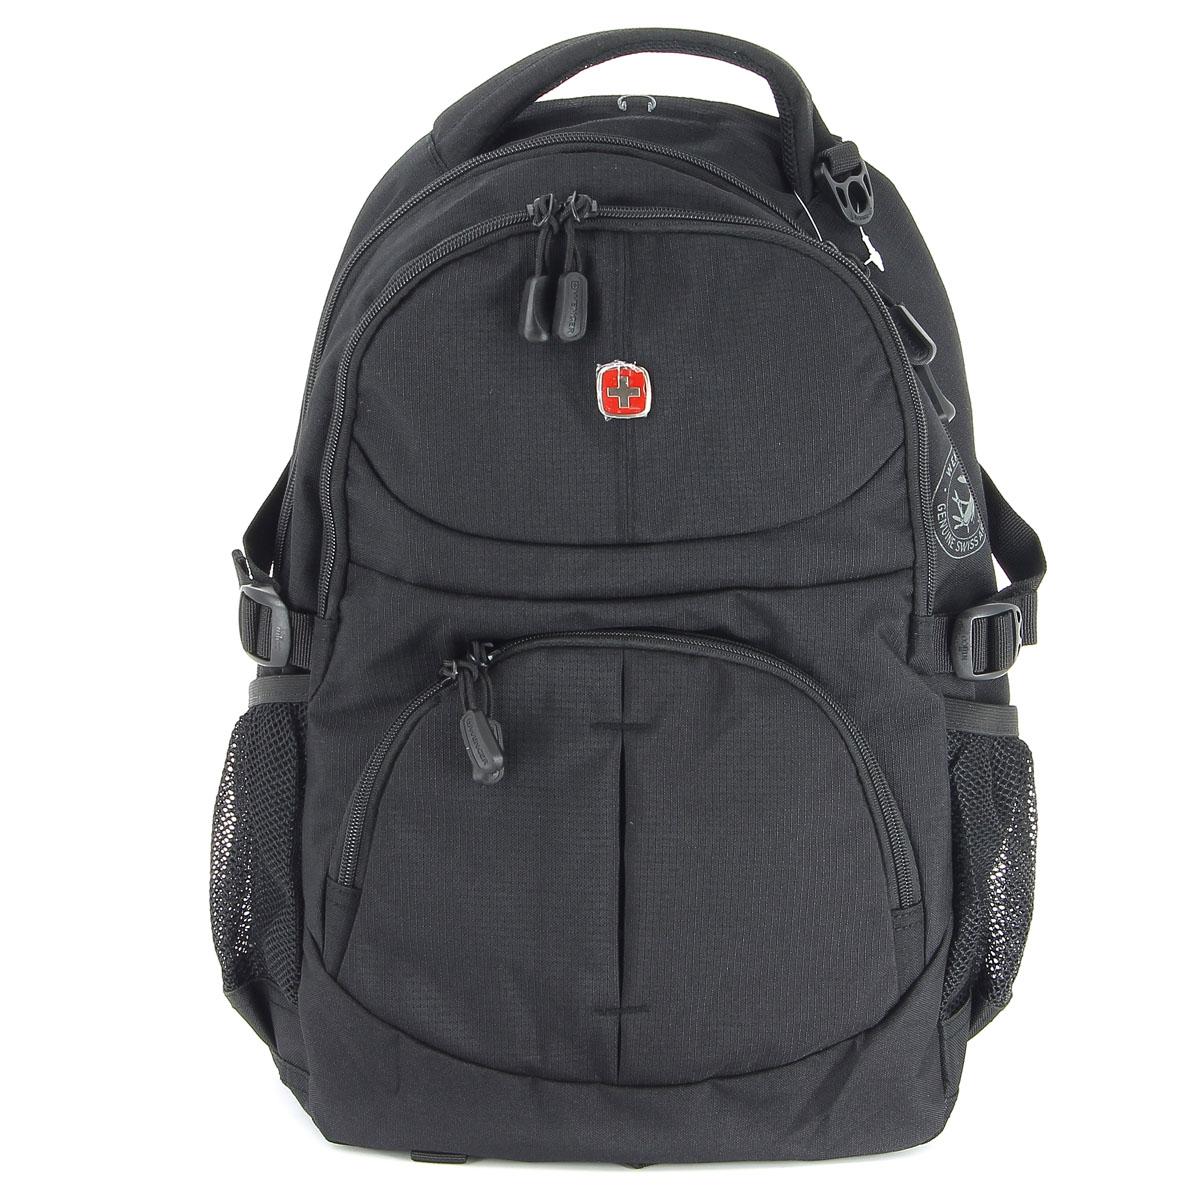 Рюкзак Wenger, цвет: черный, 33 см х 15 см х 45 см, 22 л3001202408